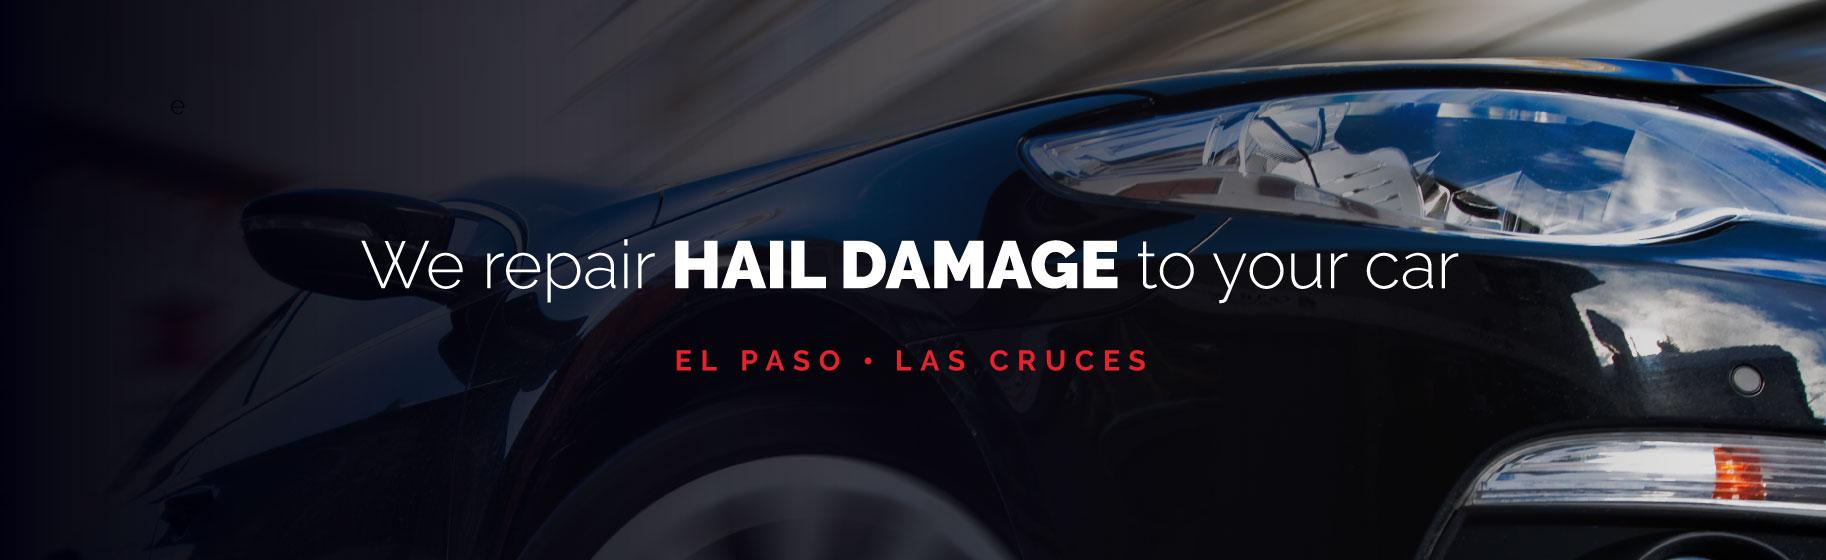 black car with hail damage dents